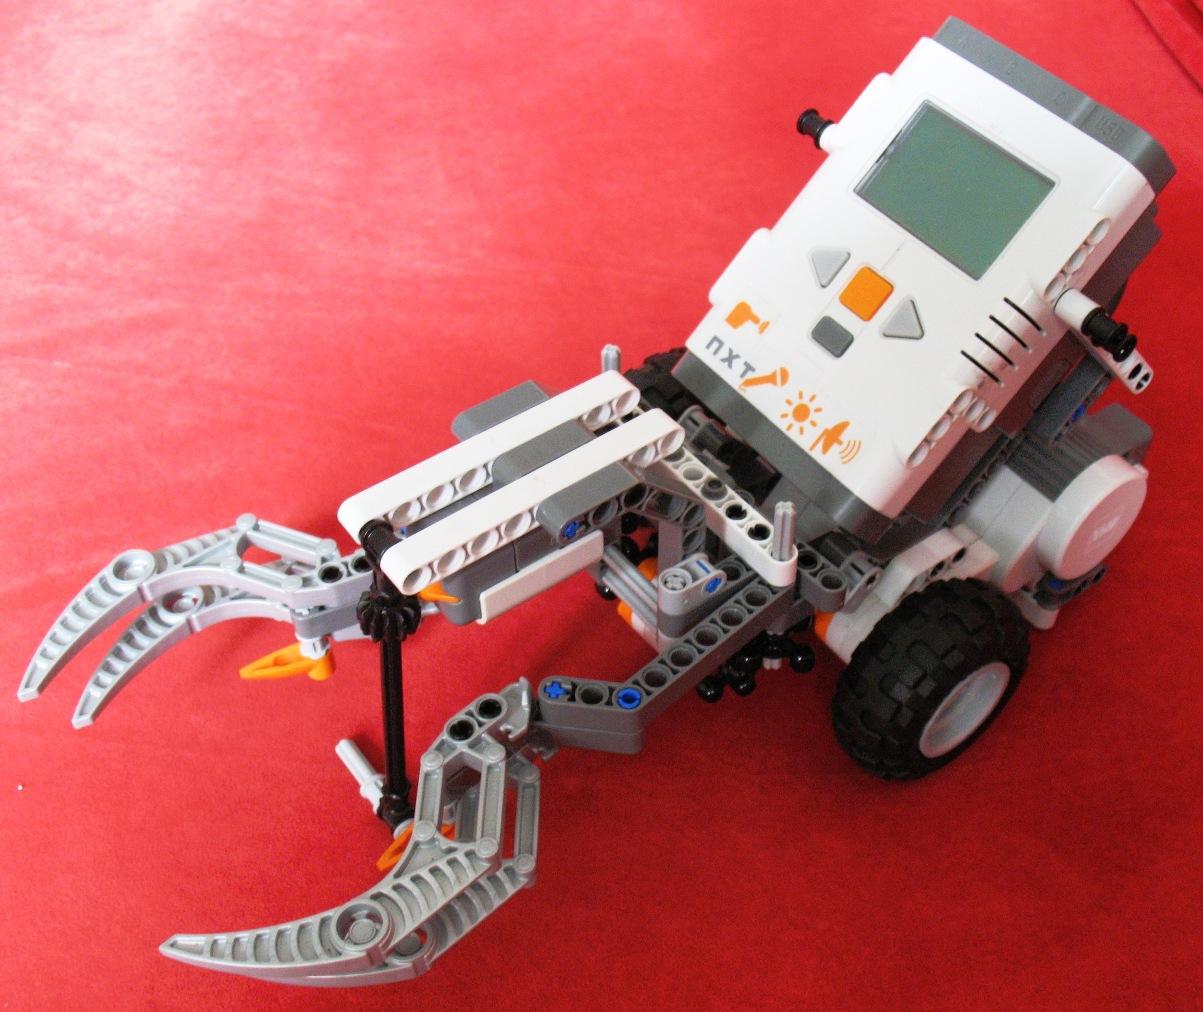 Lego Mindstorms NXT Berührungssensor